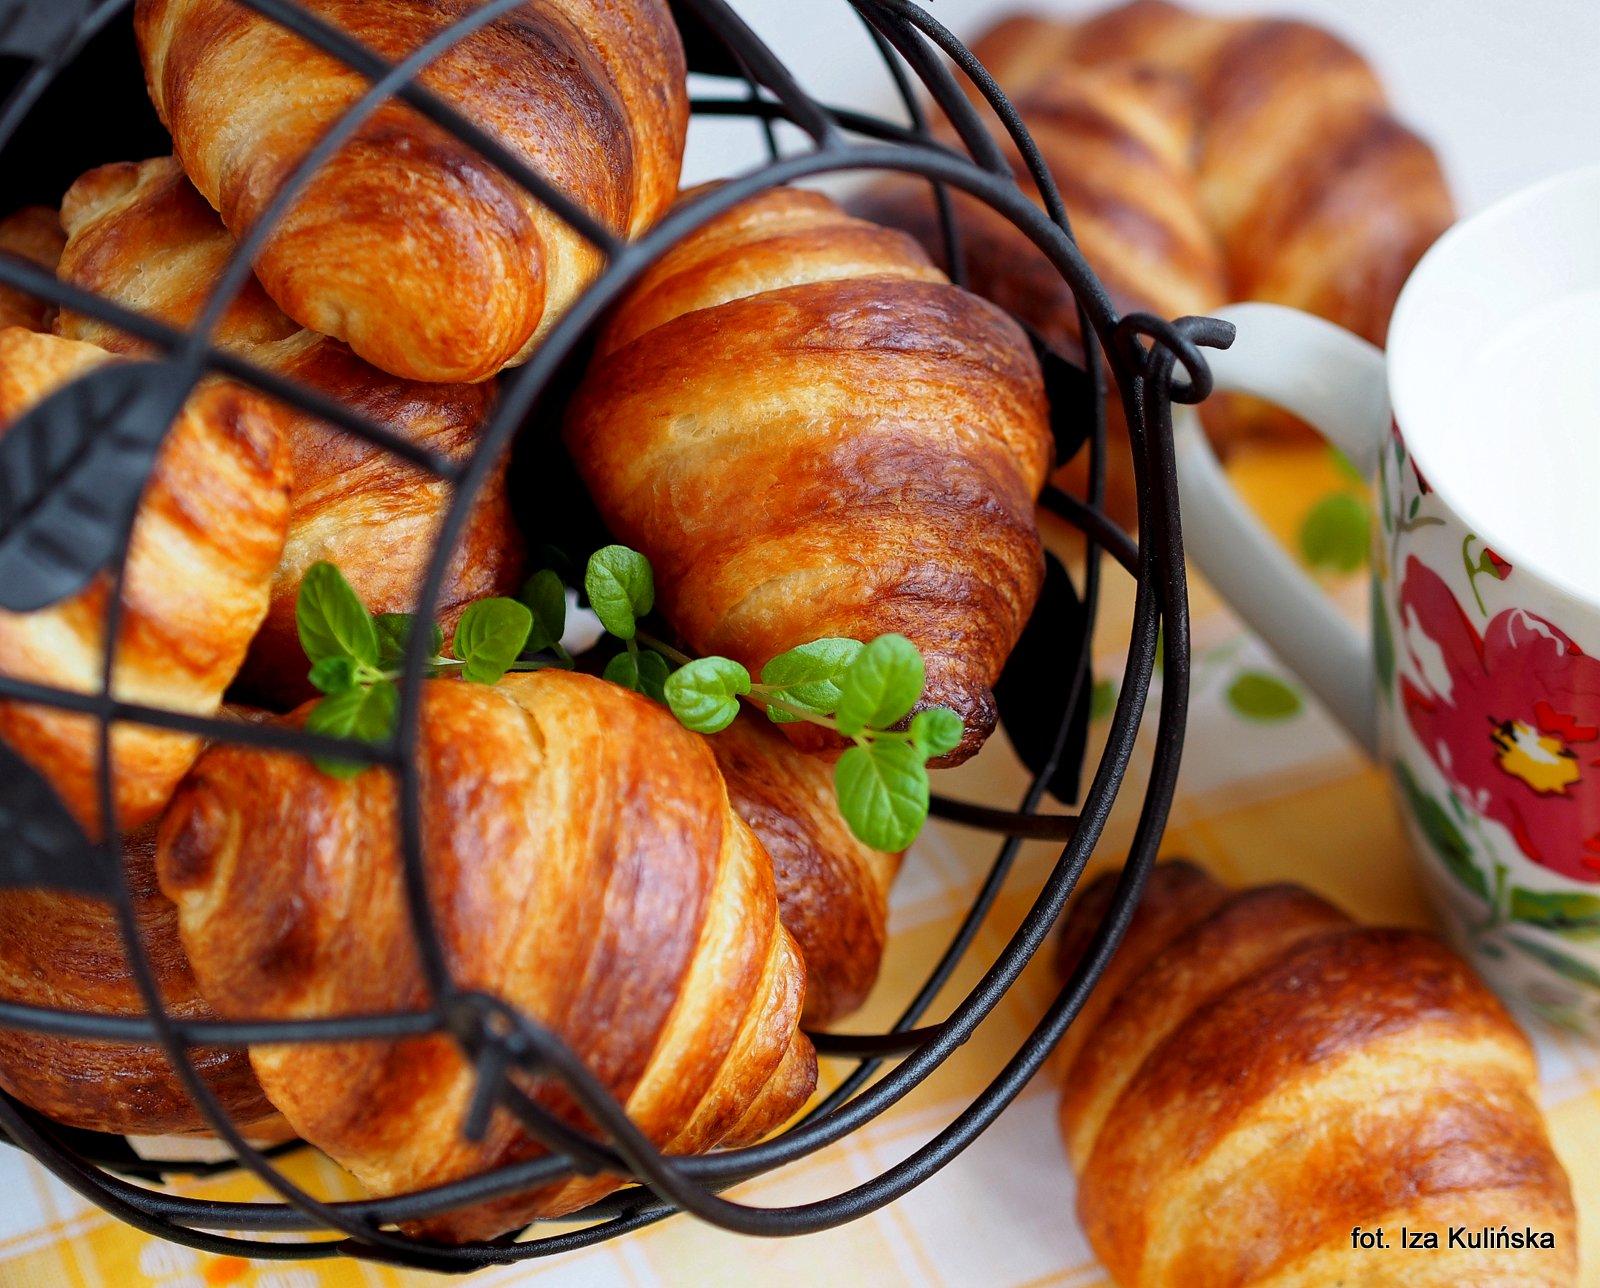 Rogaliki francuskie - Croissants - wypiekanie na śniadanie